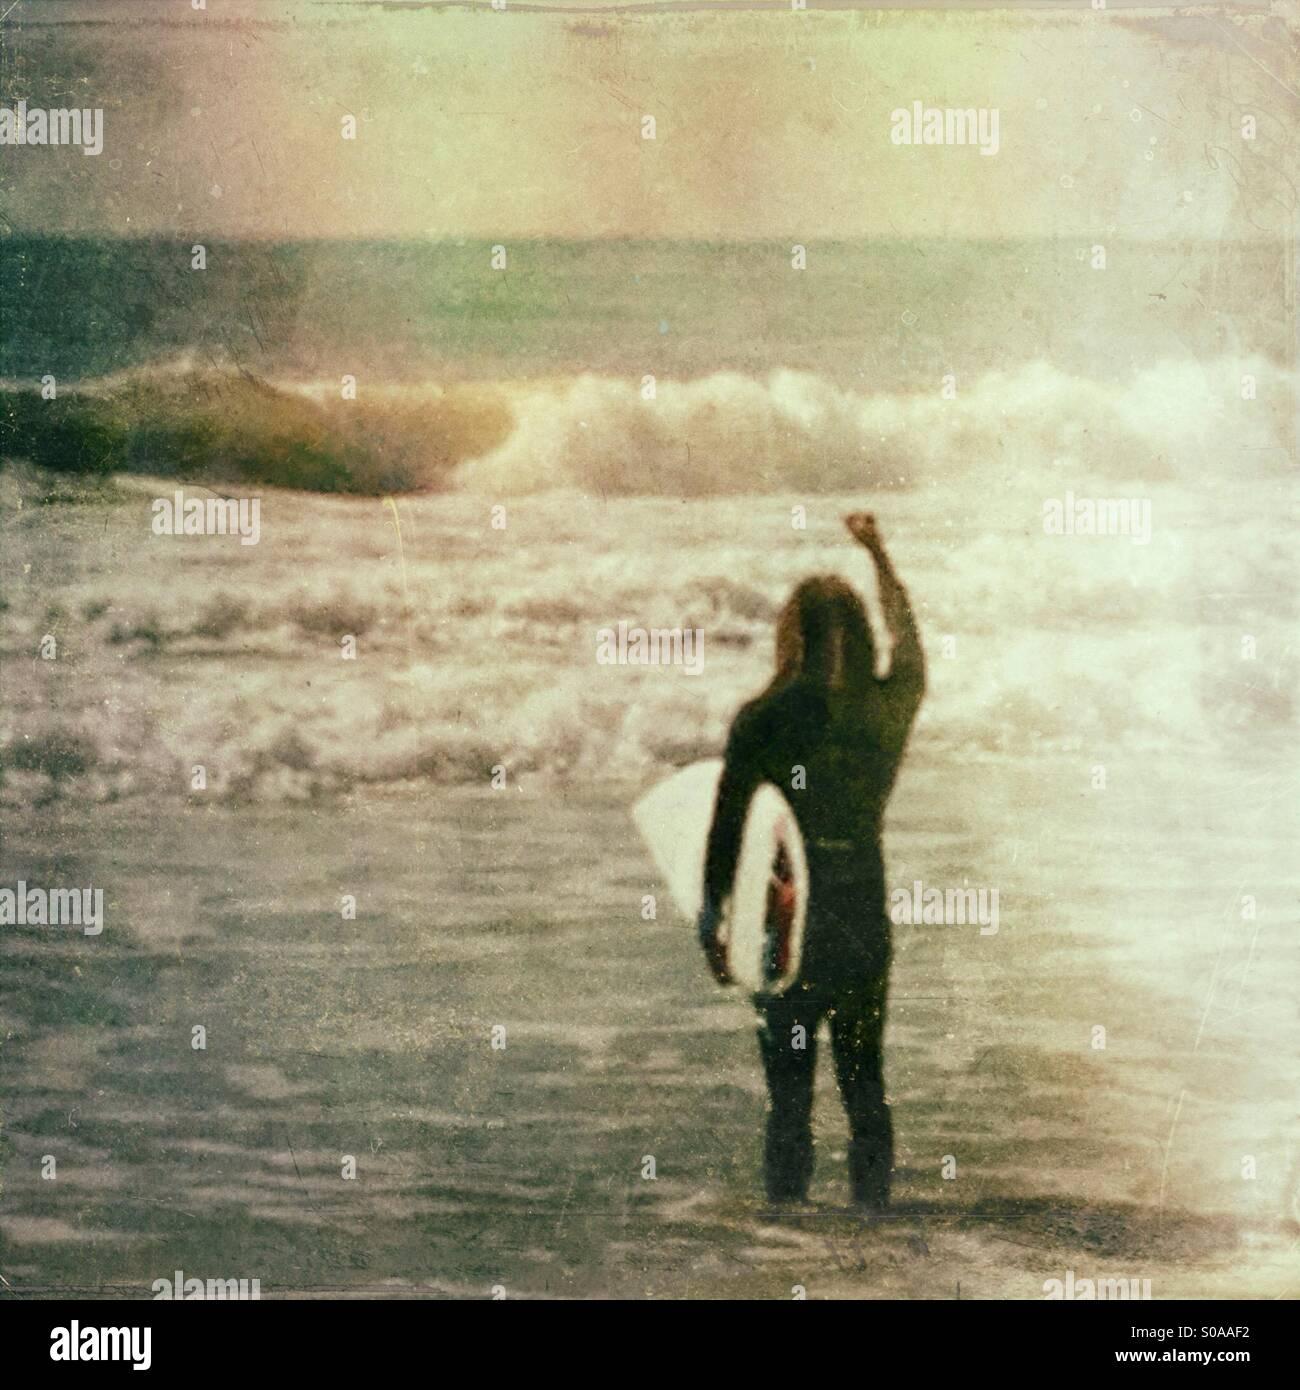 Emocionada surfer mirando las olas. Foto de stock